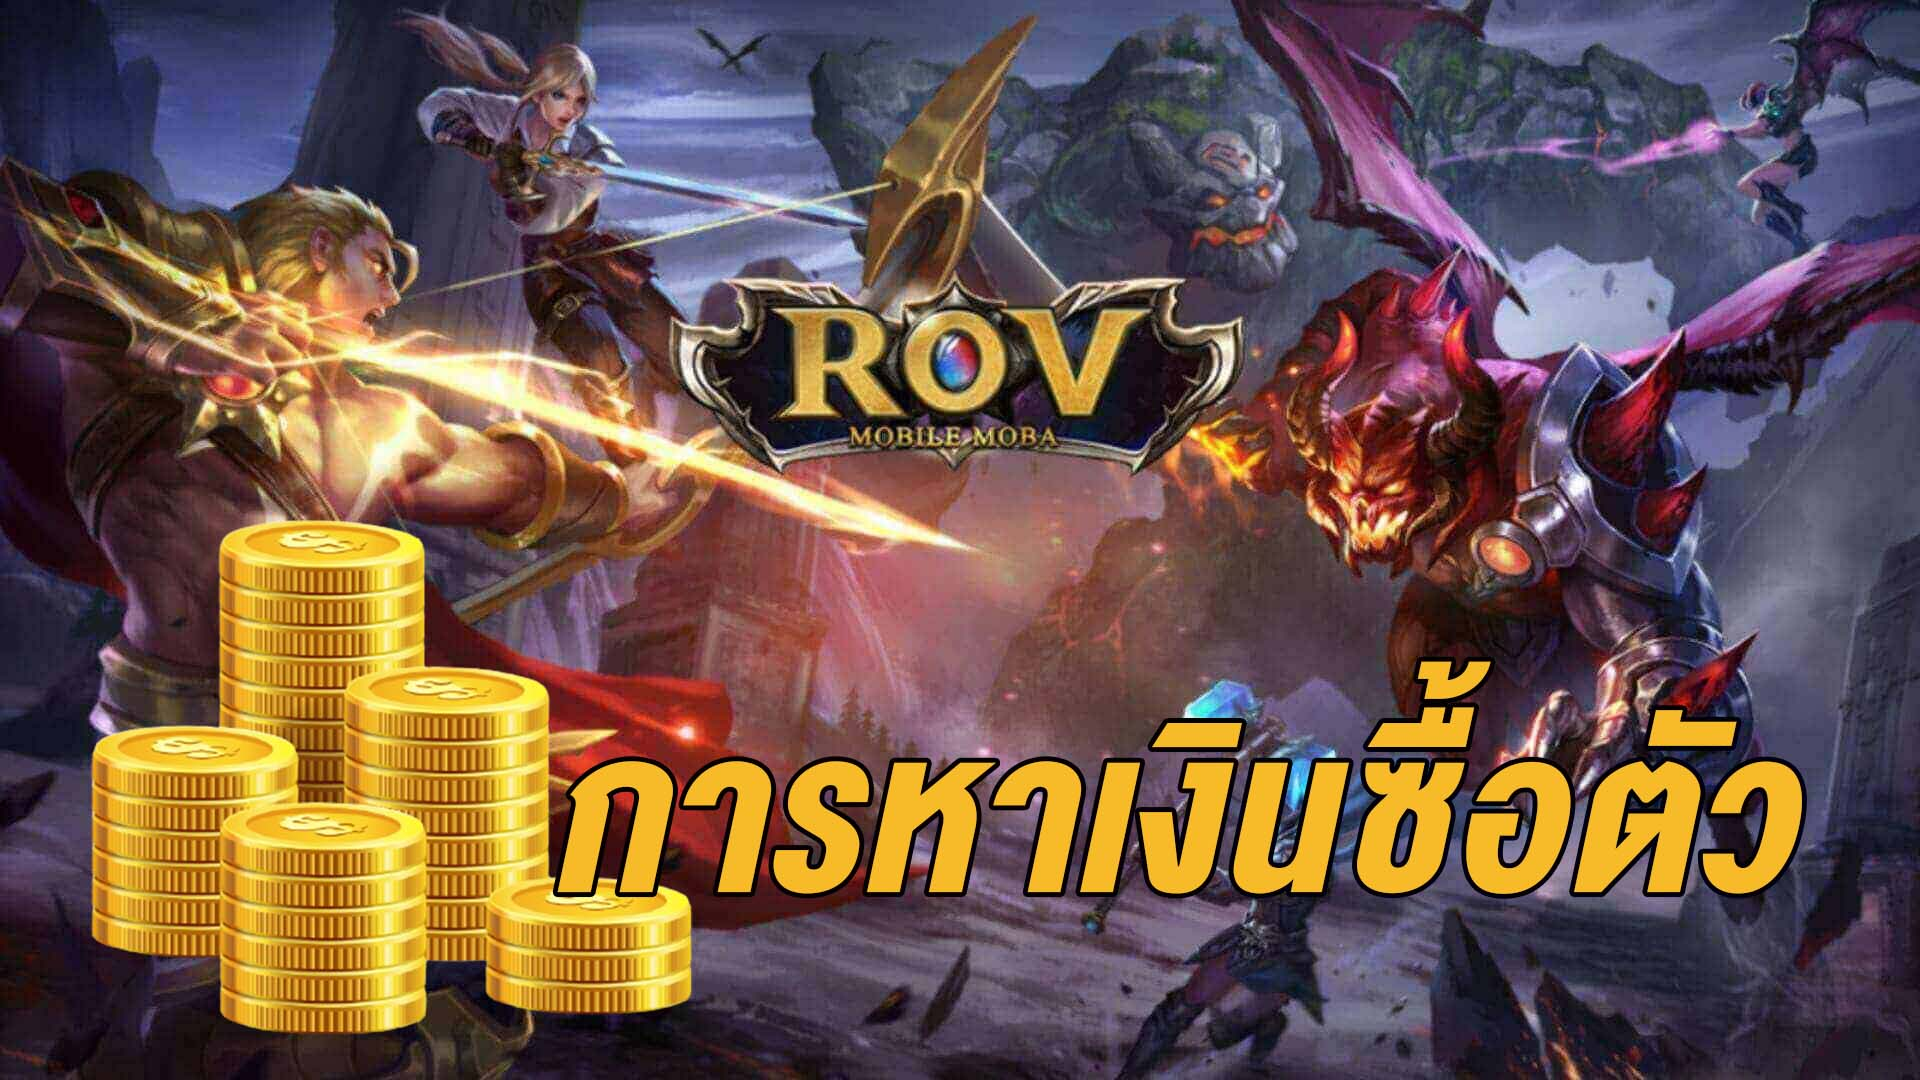 วิธีหาเงินในเกม rov